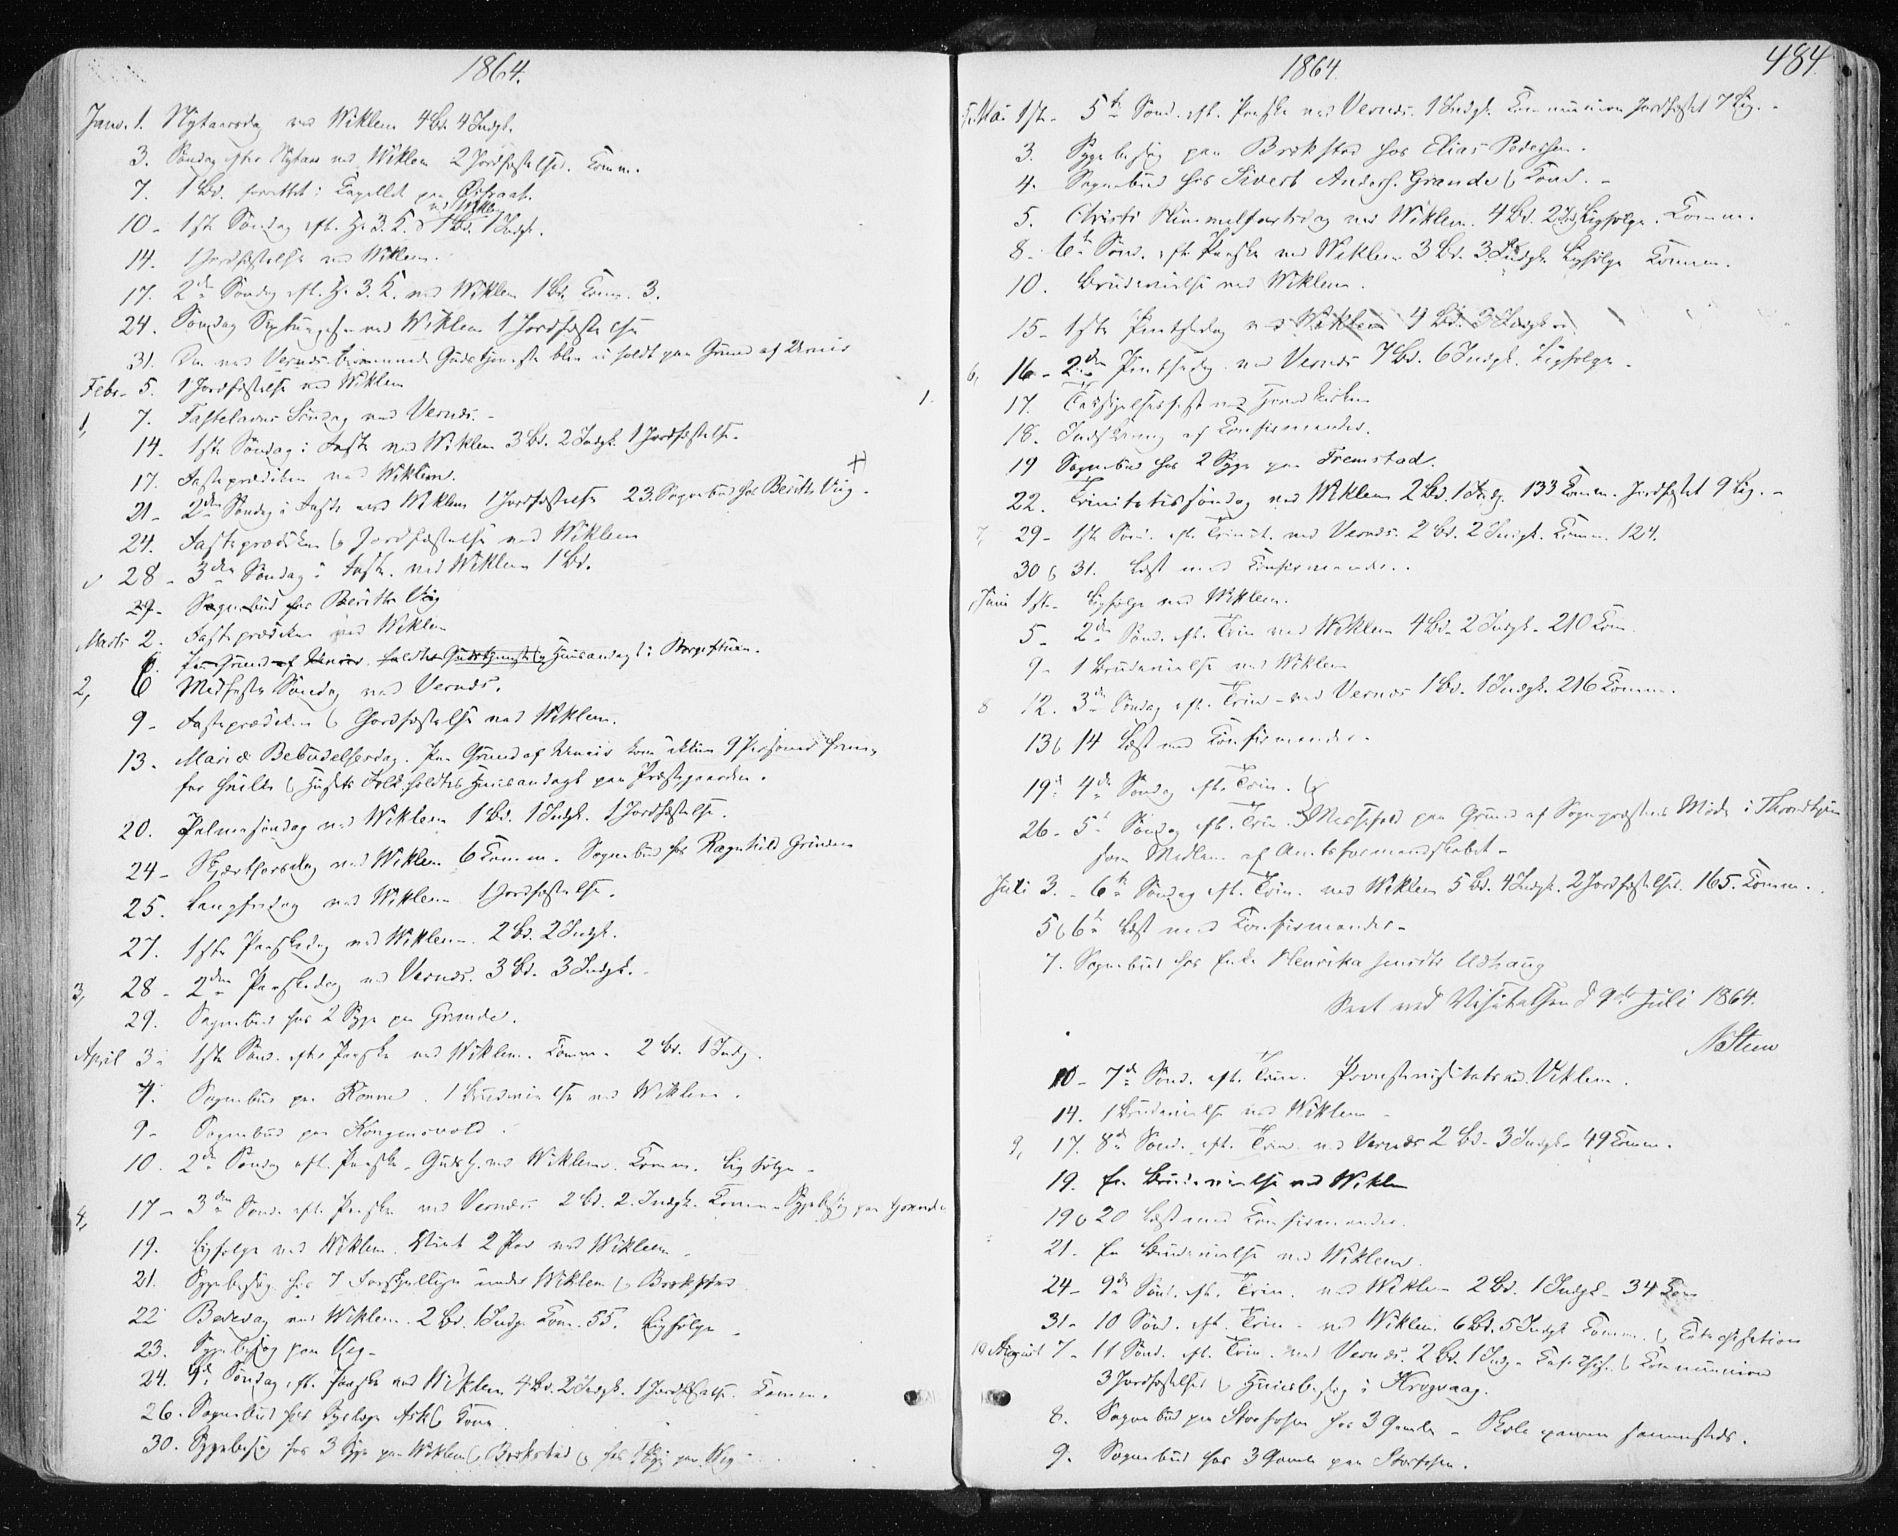 SAT, Ministerialprotokoller, klokkerbøker og fødselsregistre - Sør-Trøndelag, 659/L0737: Ministerialbok nr. 659A07, 1857-1875, s. 484